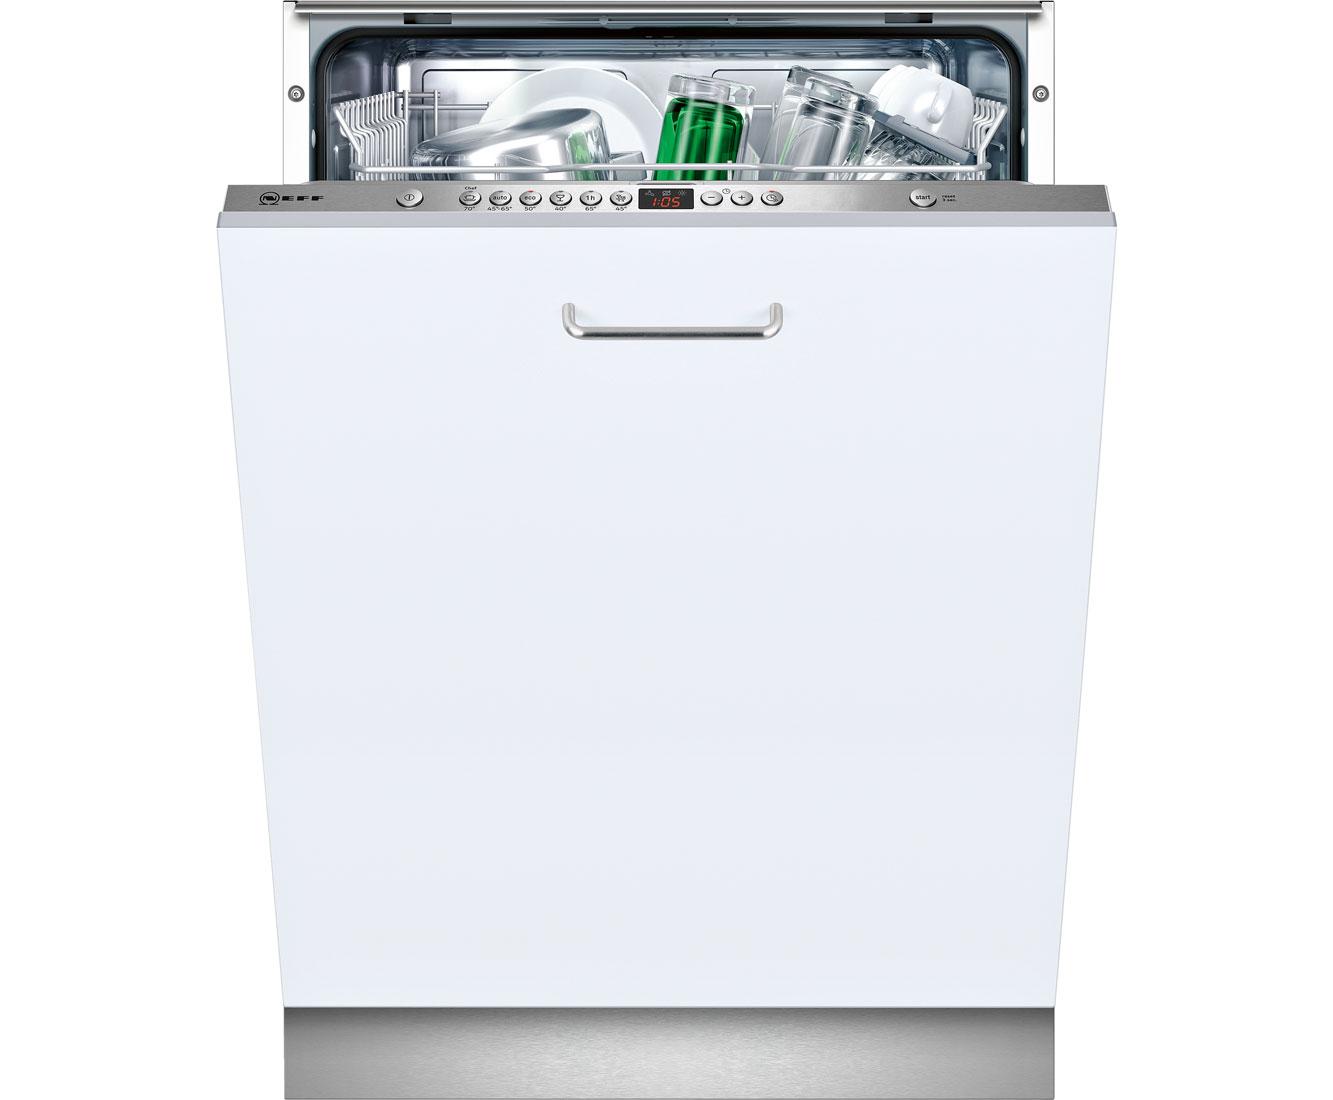 Neff GX3600A Geschirrspüler 60 cm - Edelstahl   Küche und Esszimmer > Küchenelektrogeräte > Gefrierschränke   Edelstahl   Neff